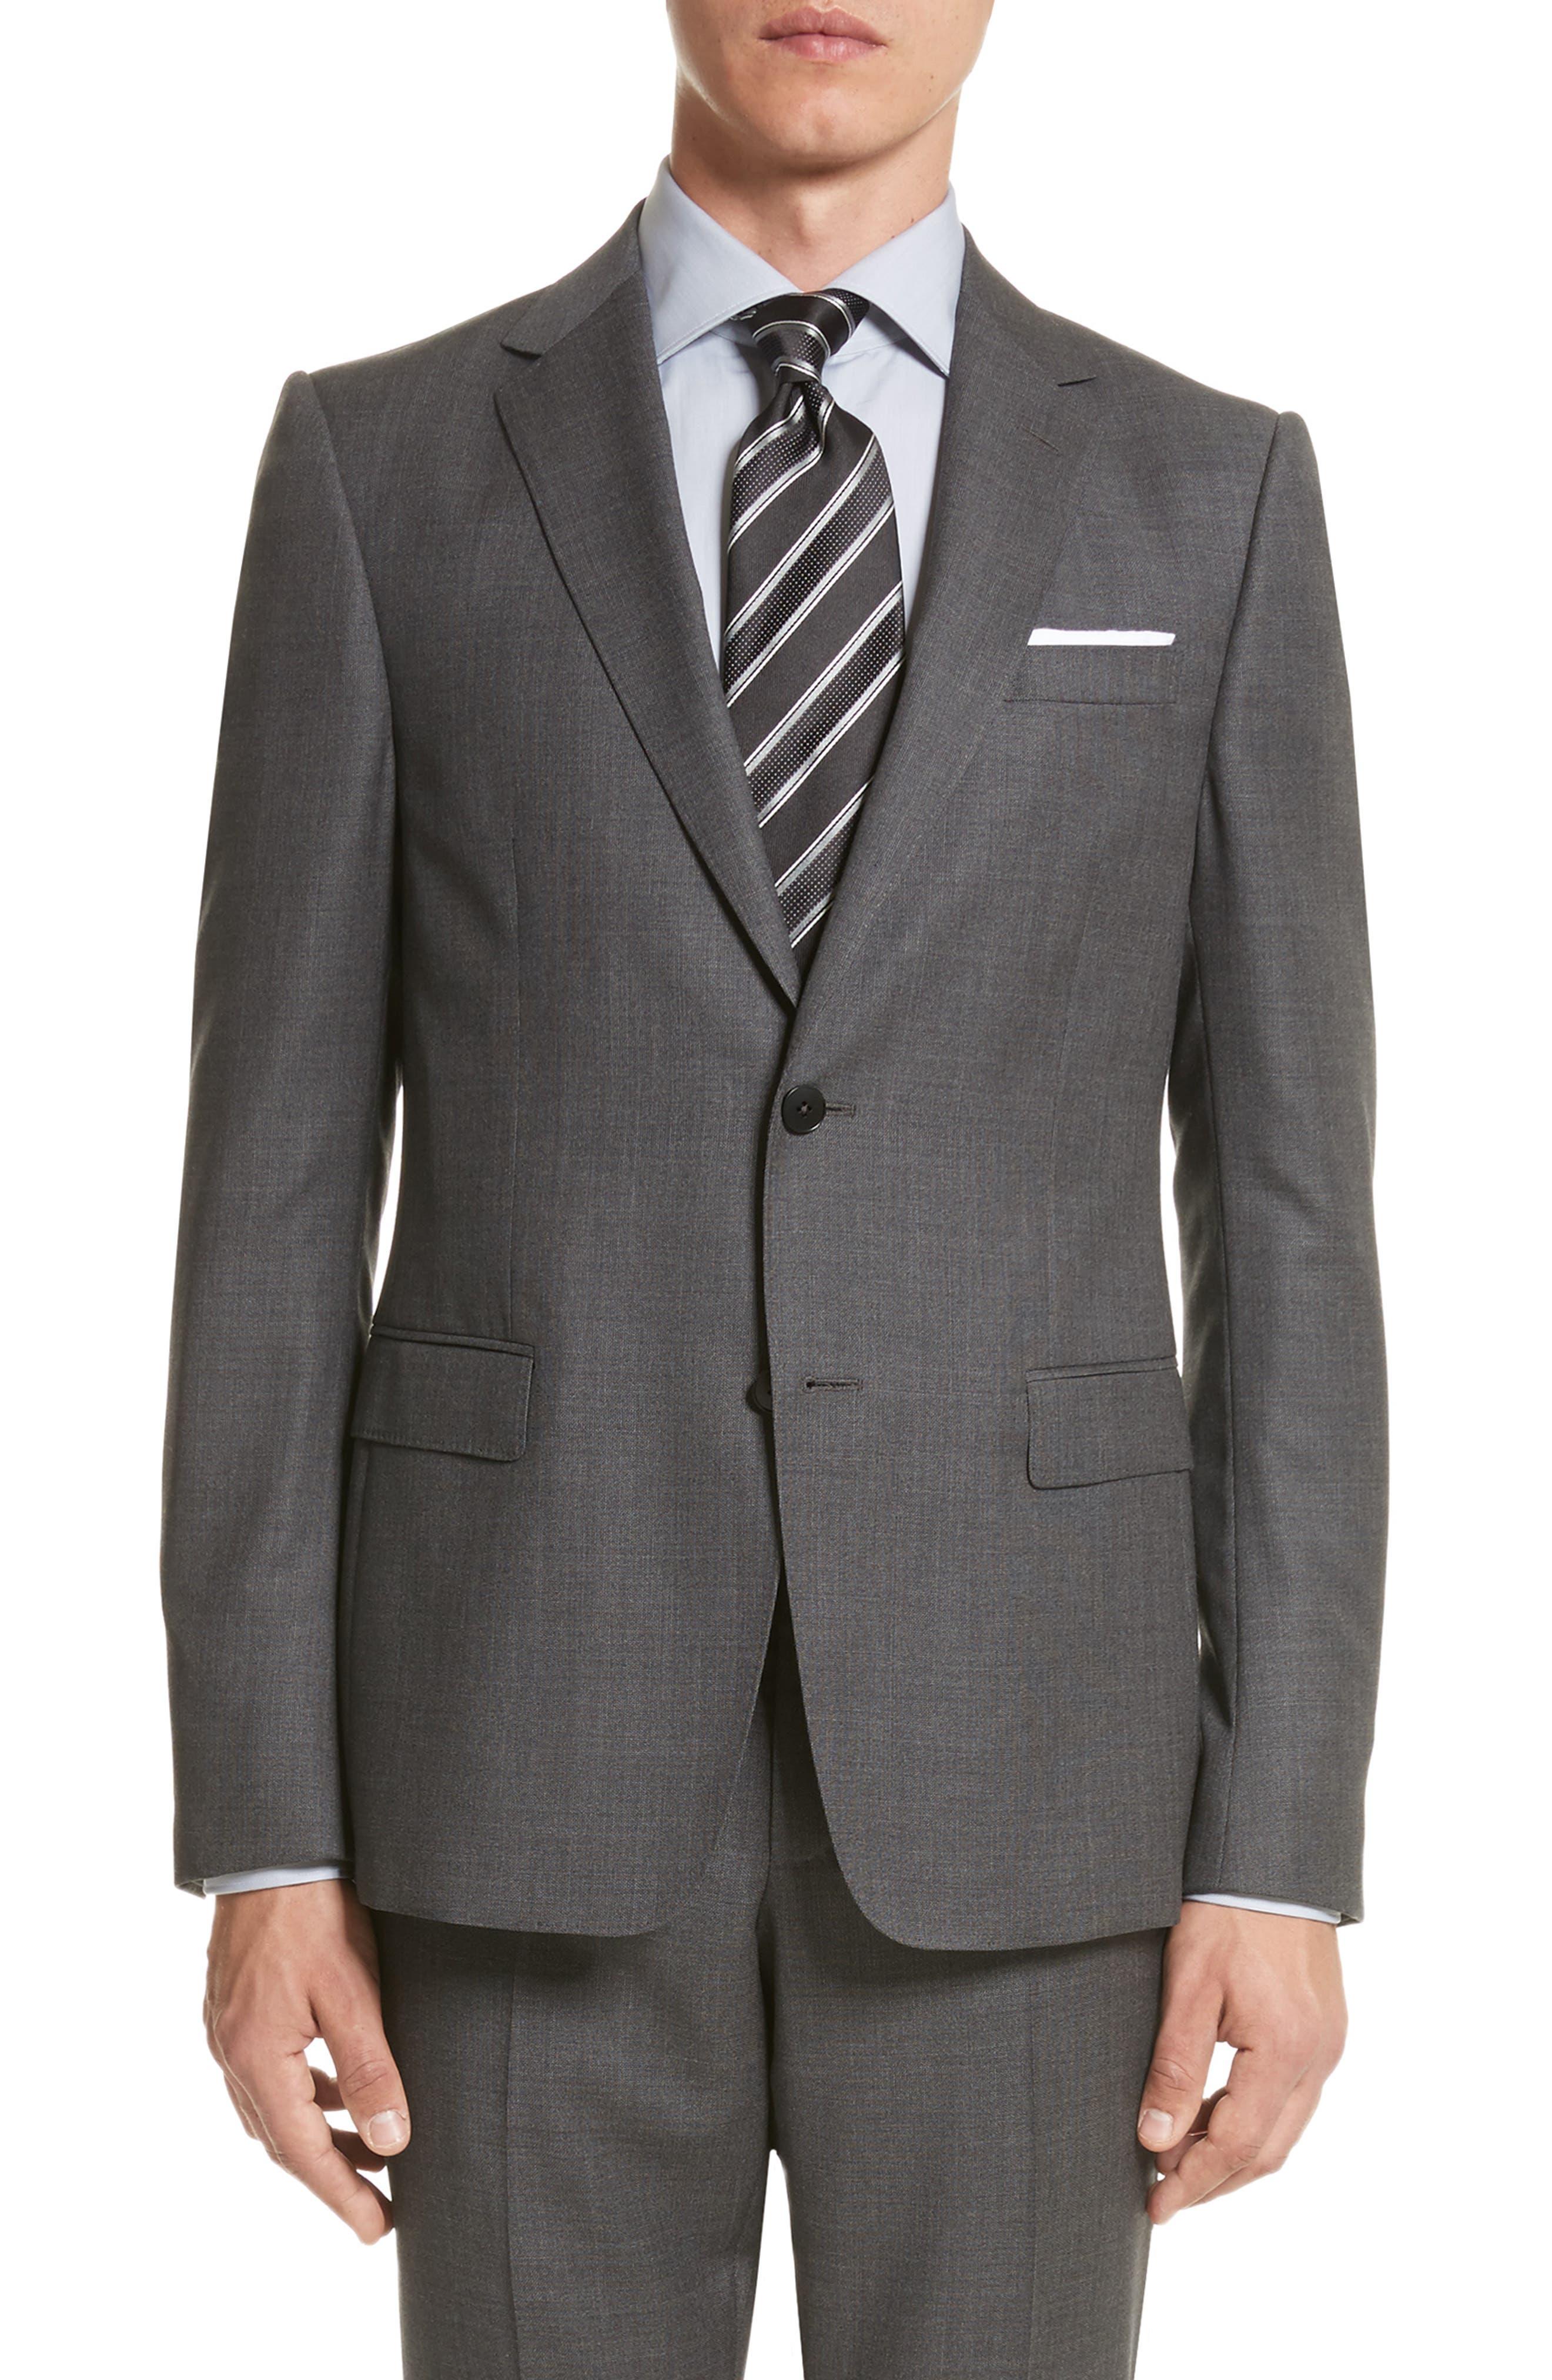 Z ZEGNA,                             Classic Fit Wool Suit,                             Alternate thumbnail 5, color,                             022